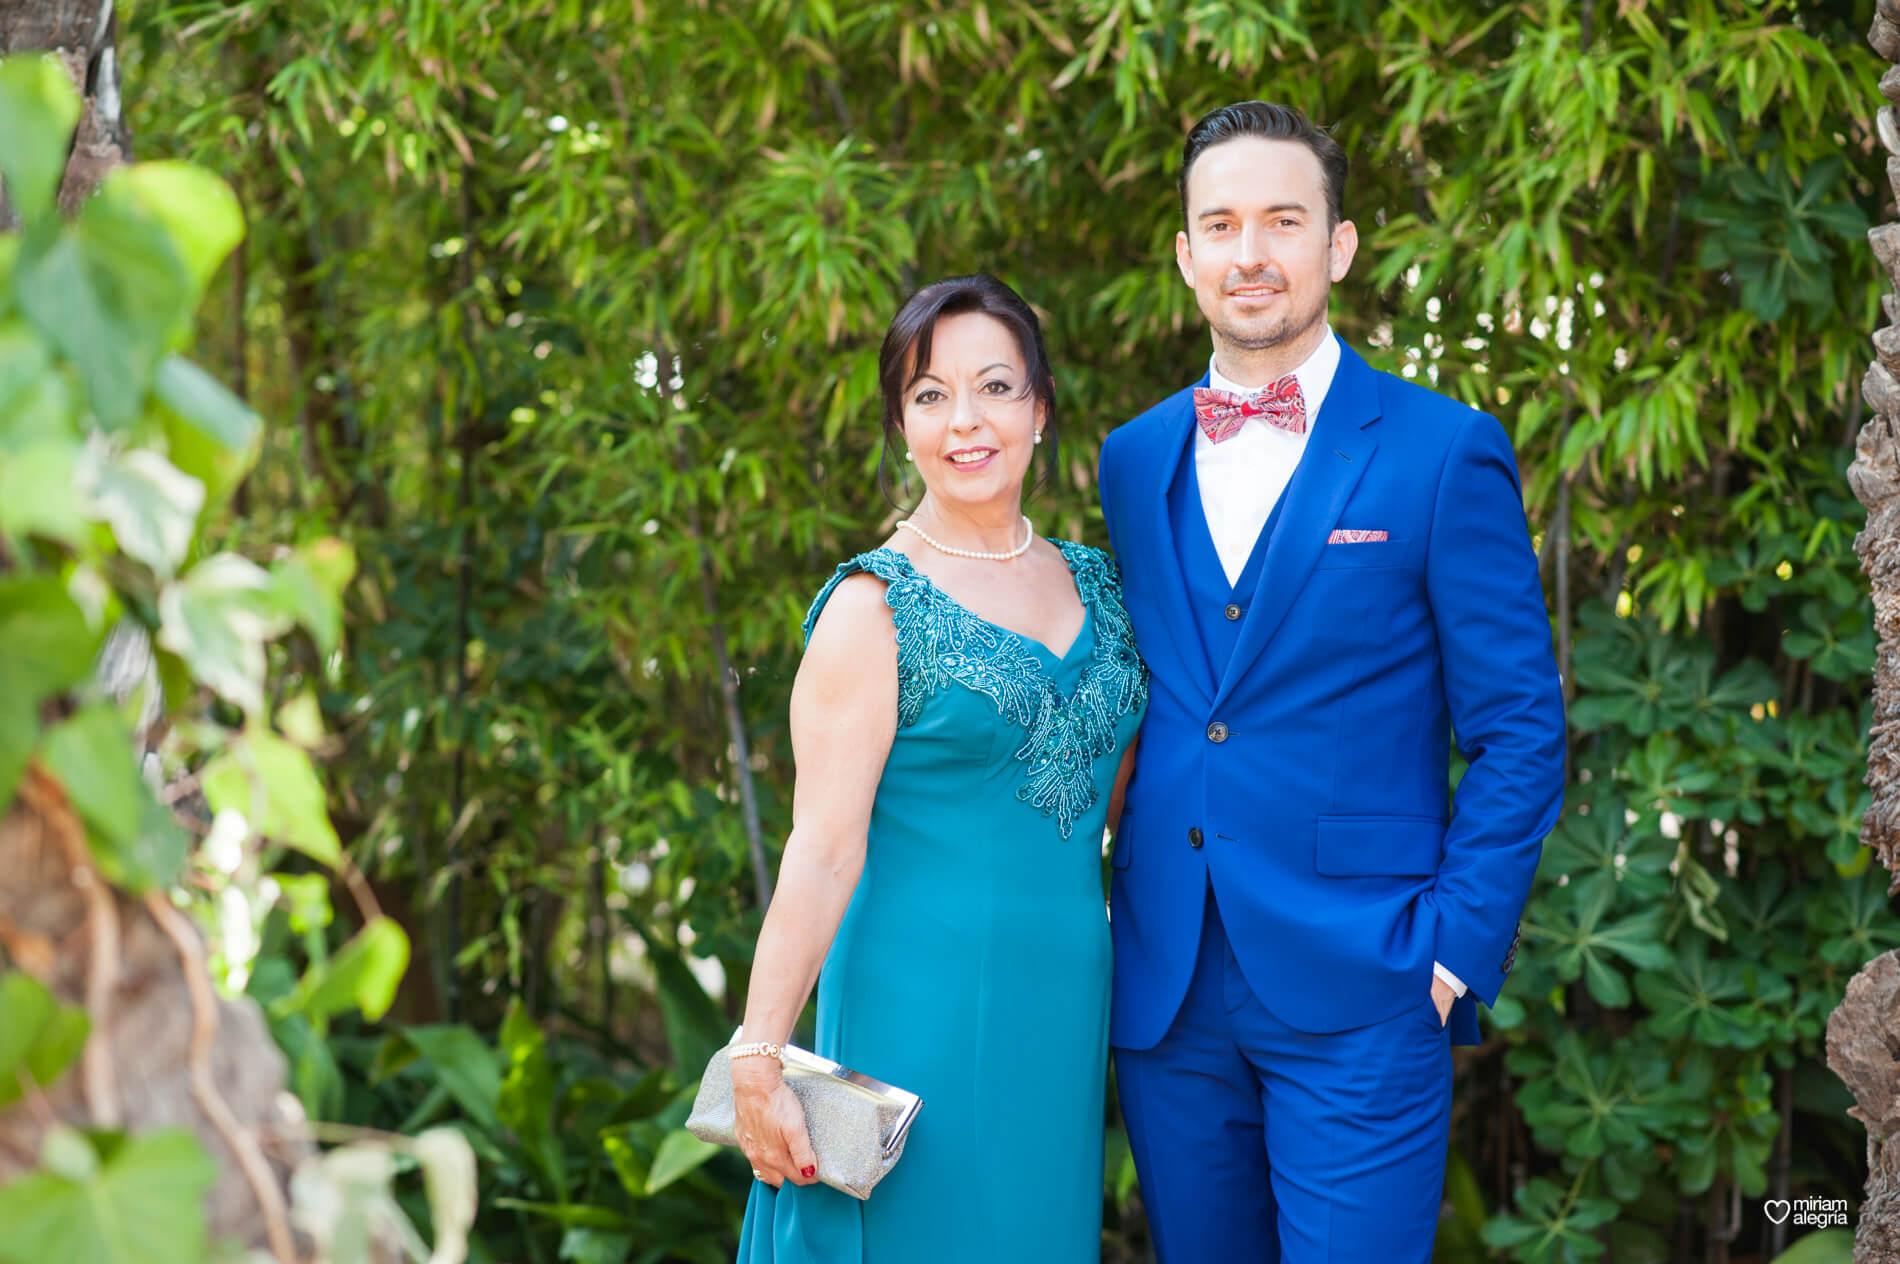 wedding-huerto-del-cura-elche-miriam-alegria-fotografos-boda-11